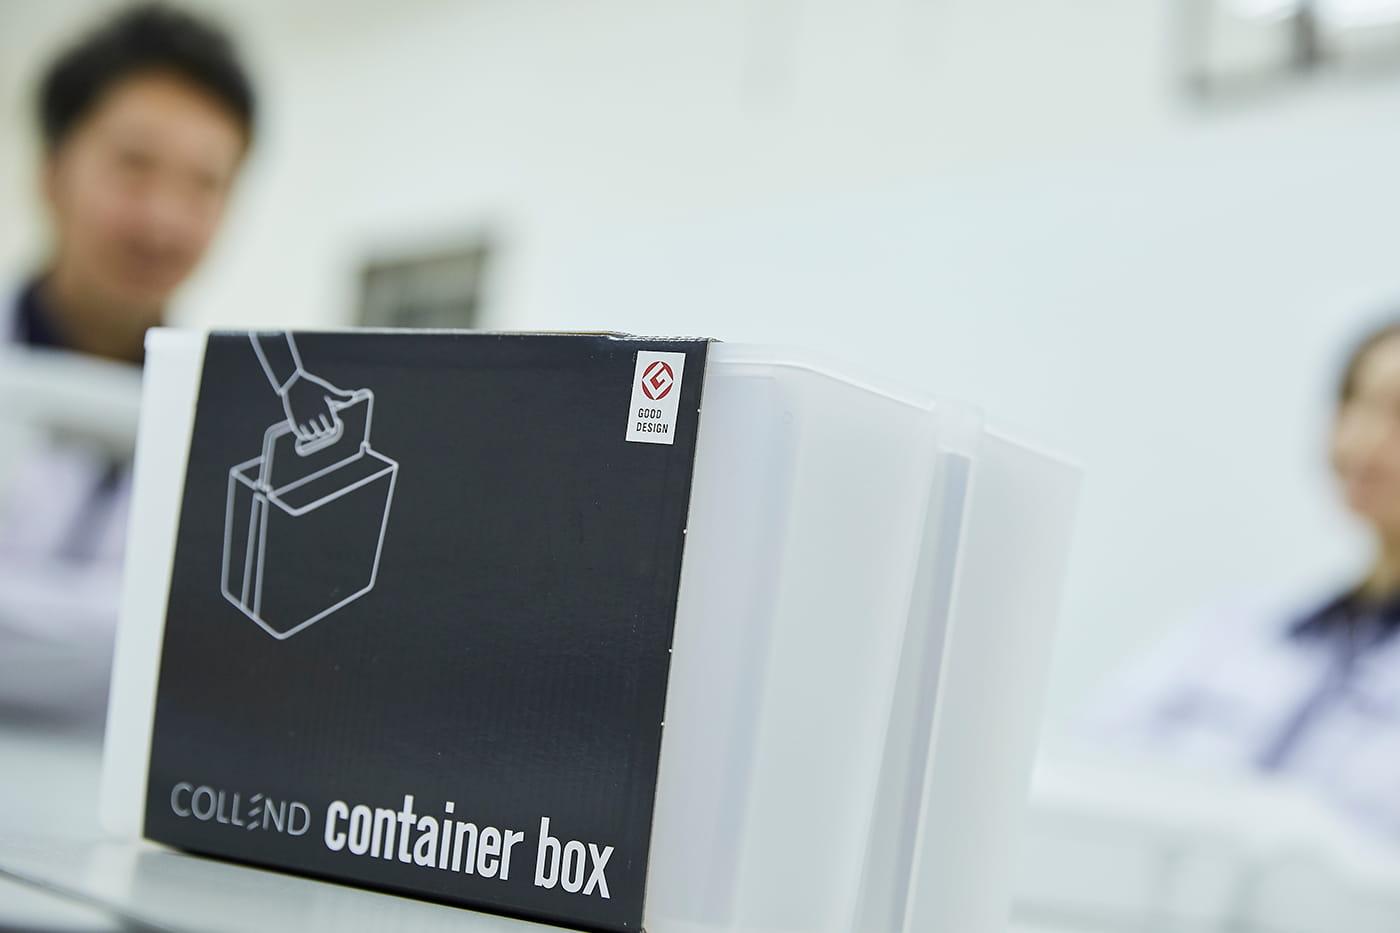 製品はもとより、パッケージなどもすべて自社でデザインしている。